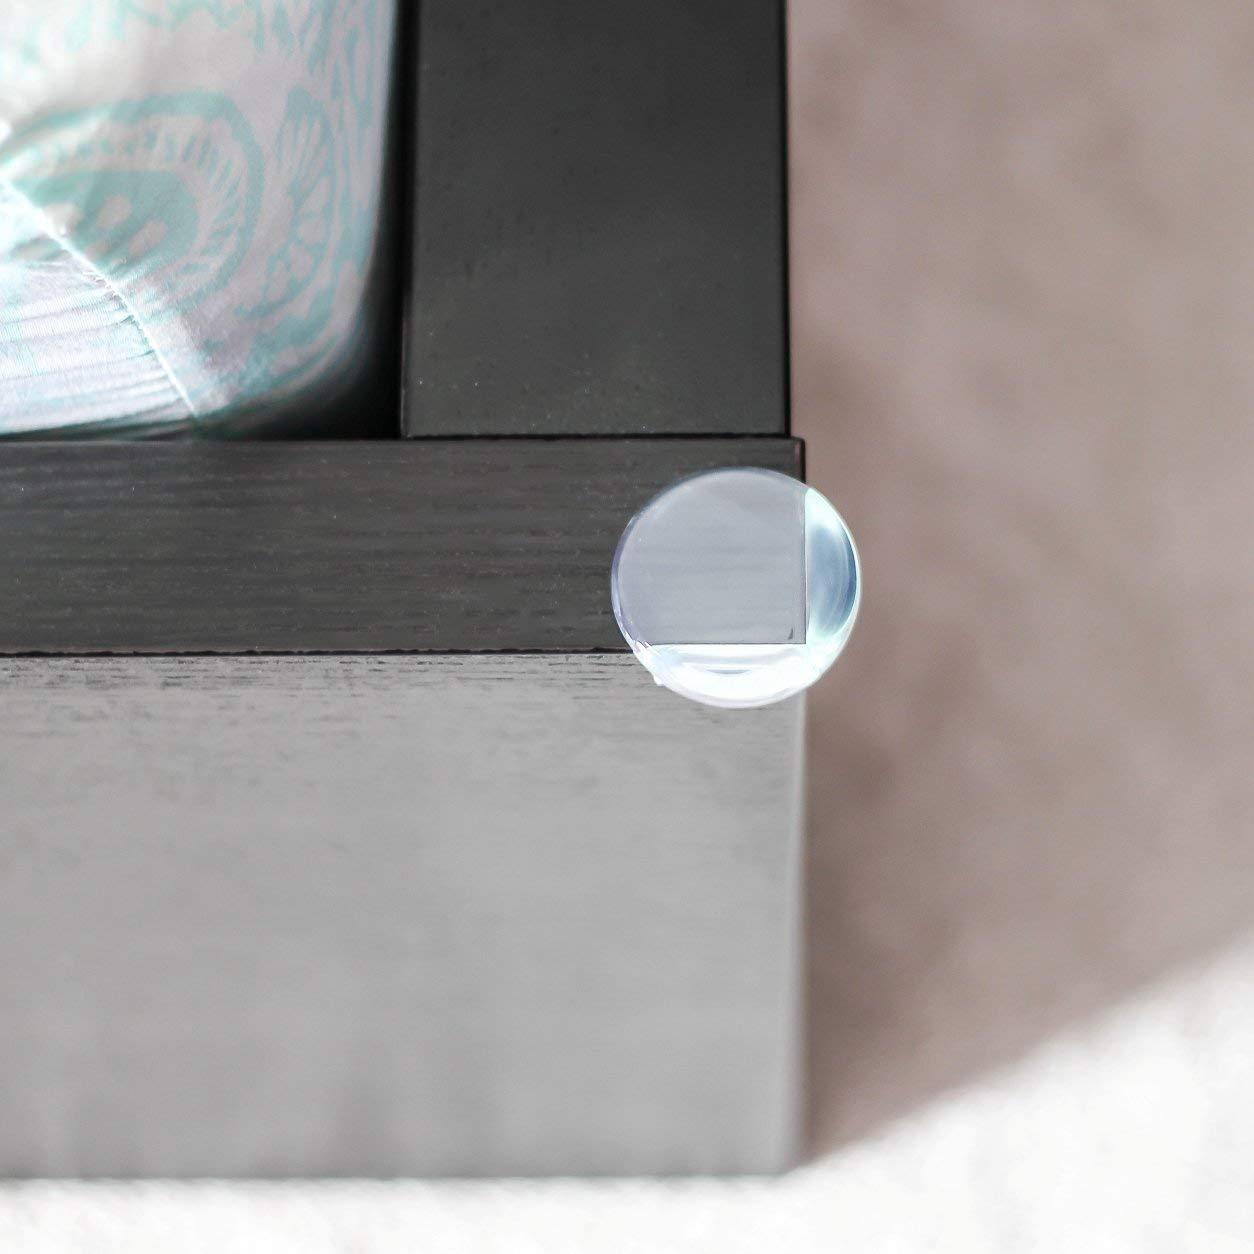 20pcs Eckenschutz Kantenschutz Silikon für Tisch Möbelecken Stoßschutz für Baby